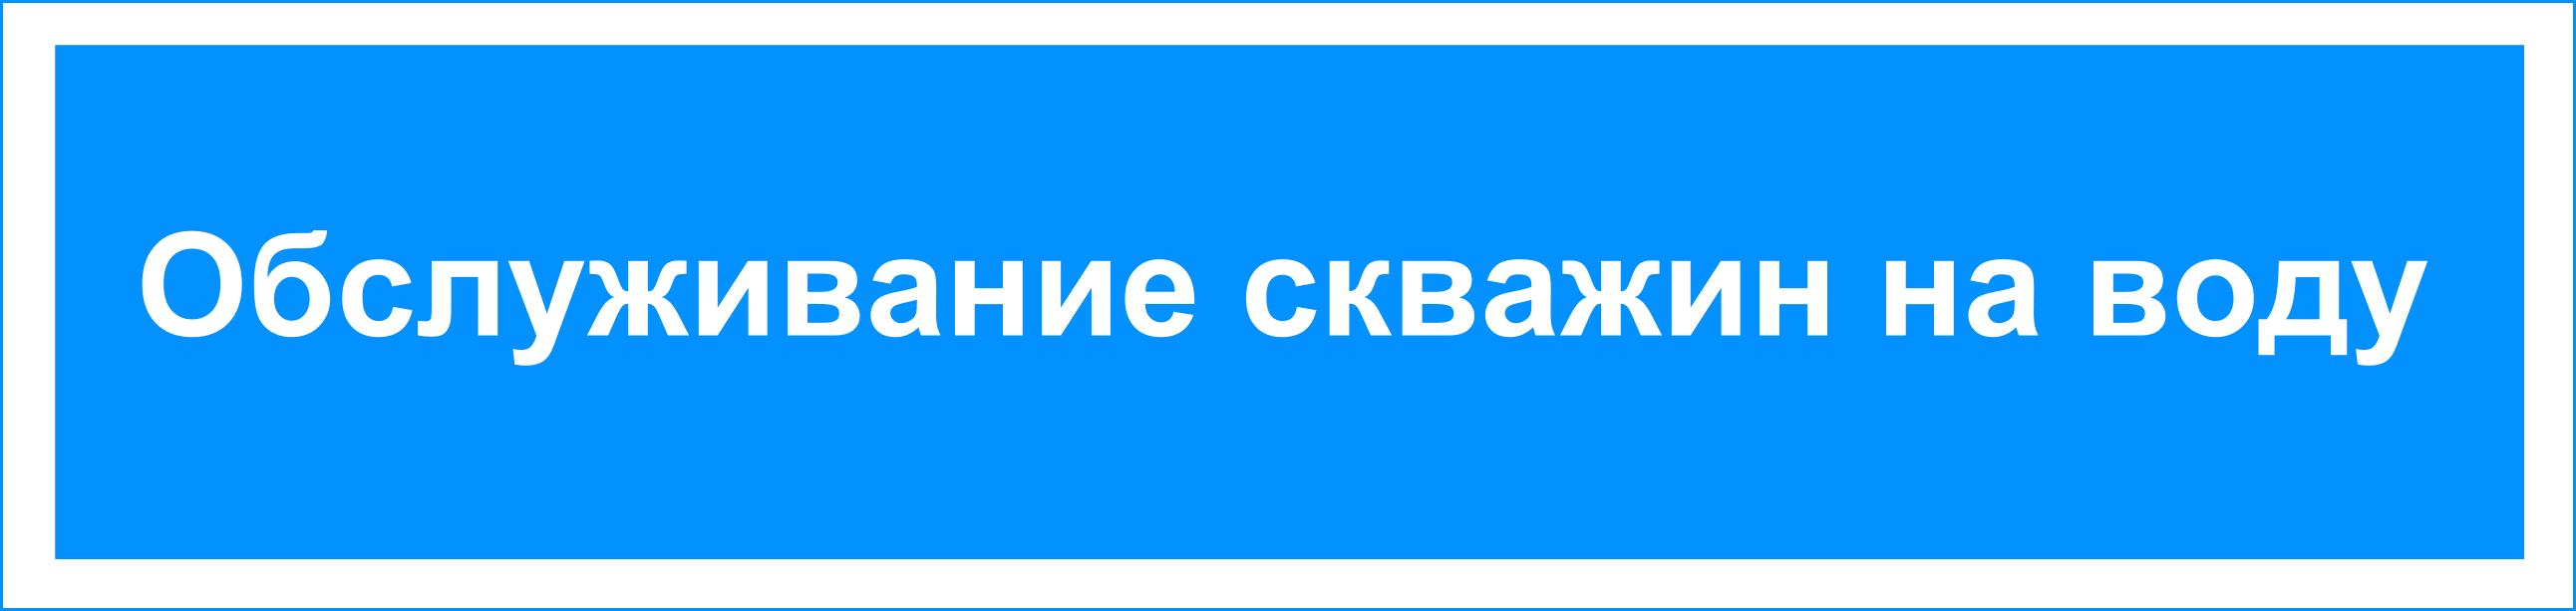 Выполнение работ по обслуживанию скважин во Владимирской области